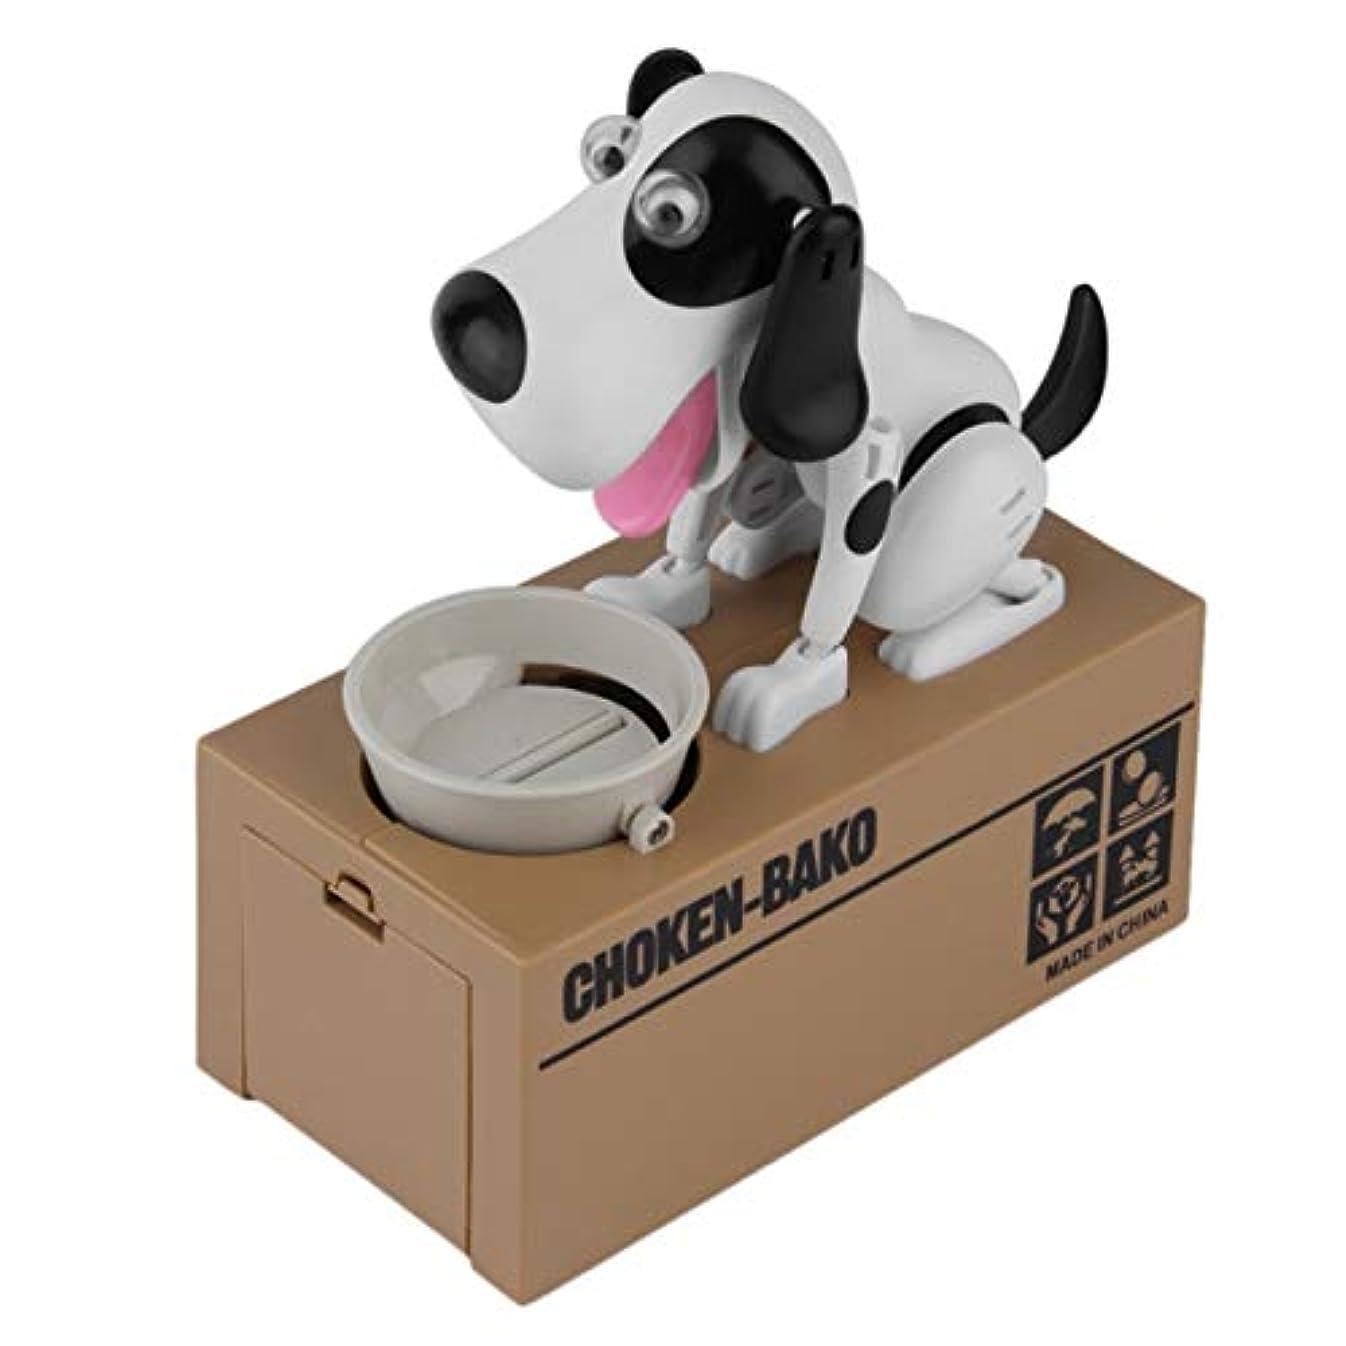 ファイバここに偽善者Saikogoods 耐久性に優れたロボット犬貯金箱自動コインマネーバンクかわいい犬モデルマネーバンクマネーセービングボックスコインボックスを盗みました 黒+白